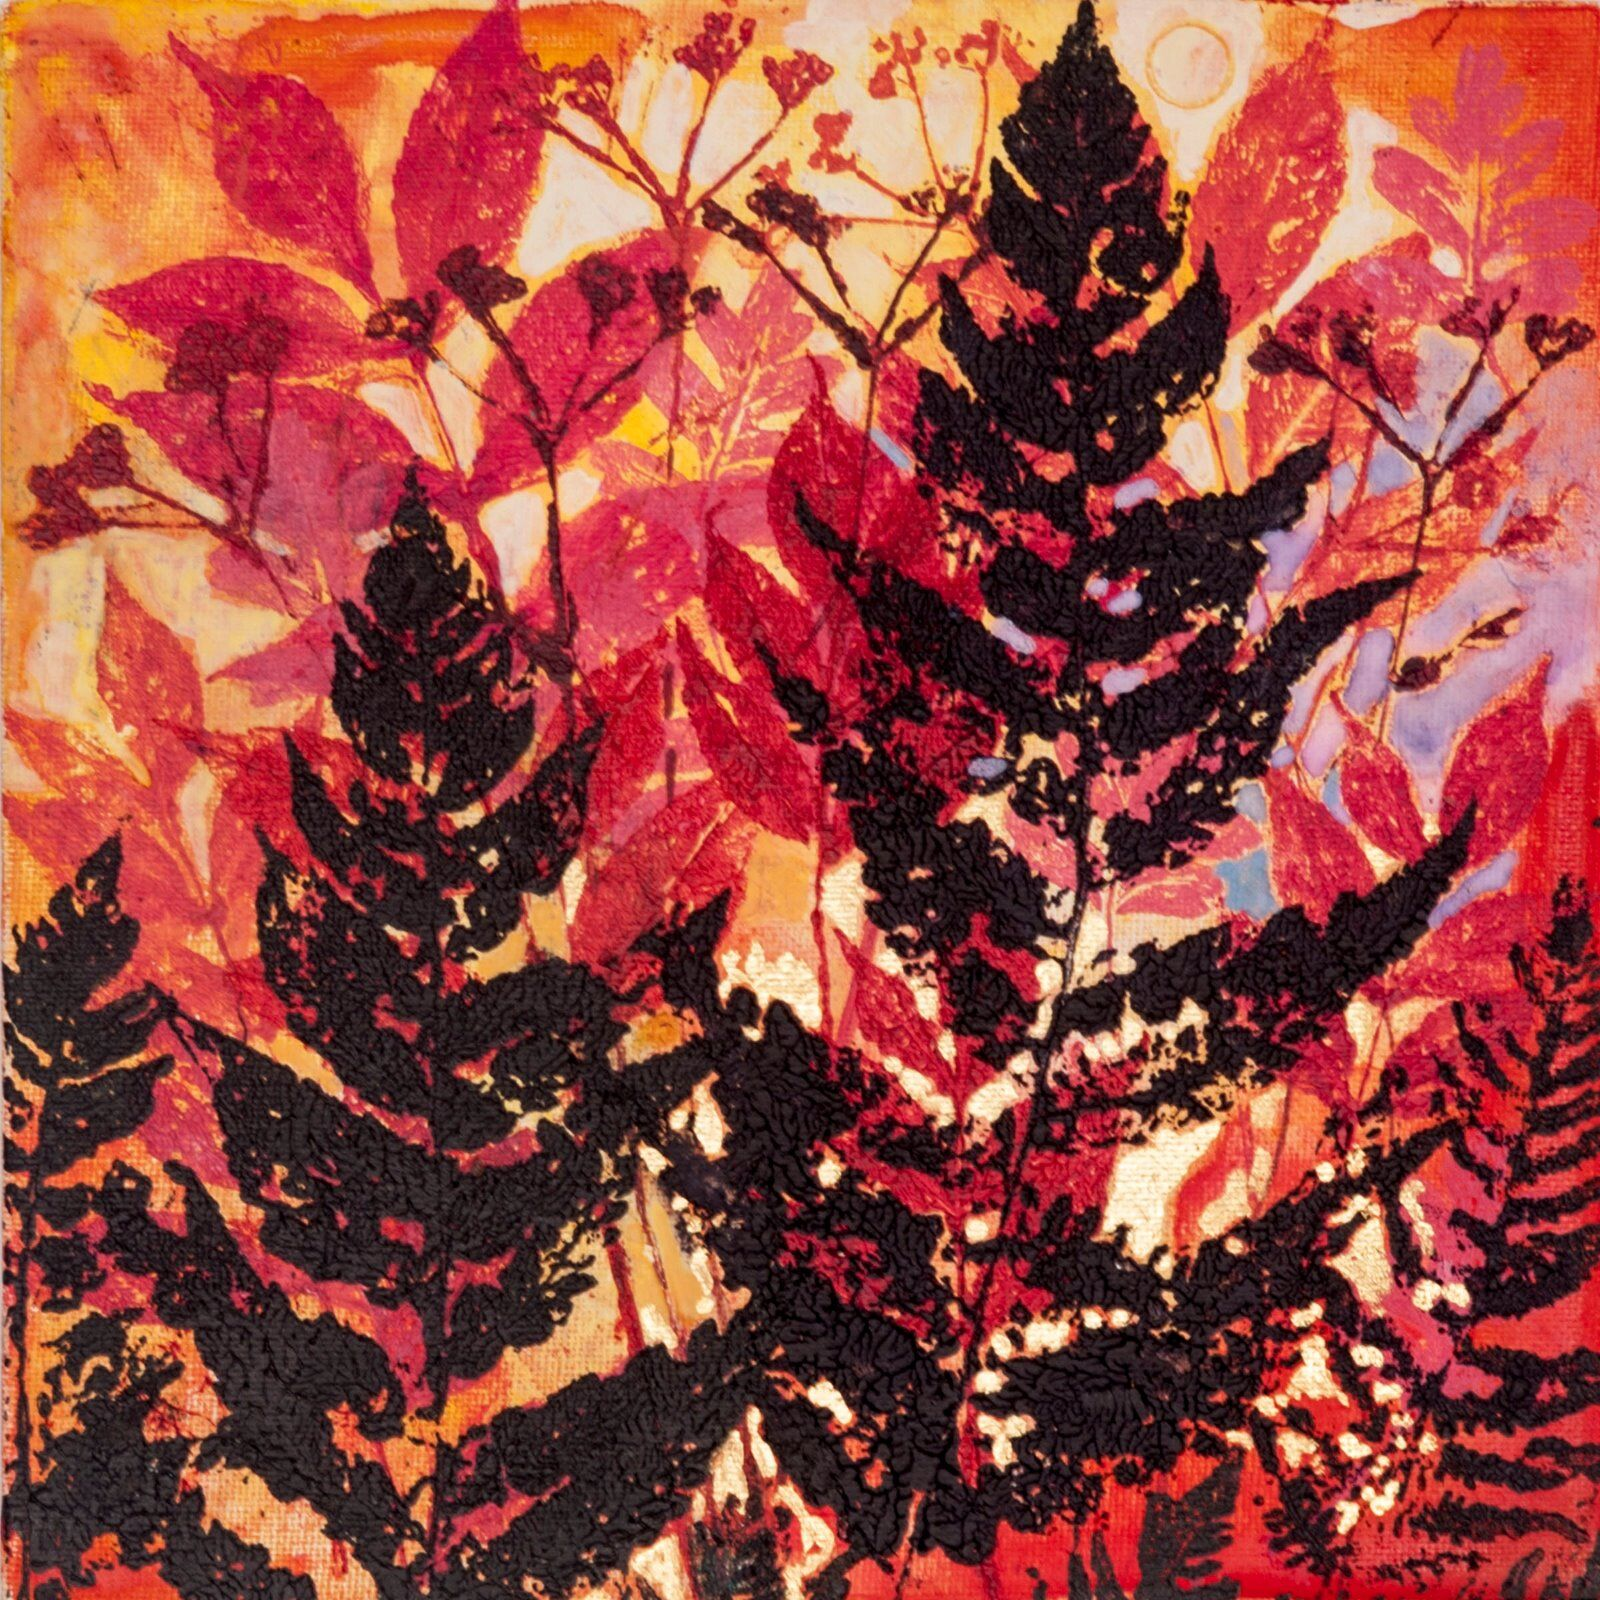 Ferns & Red Elder